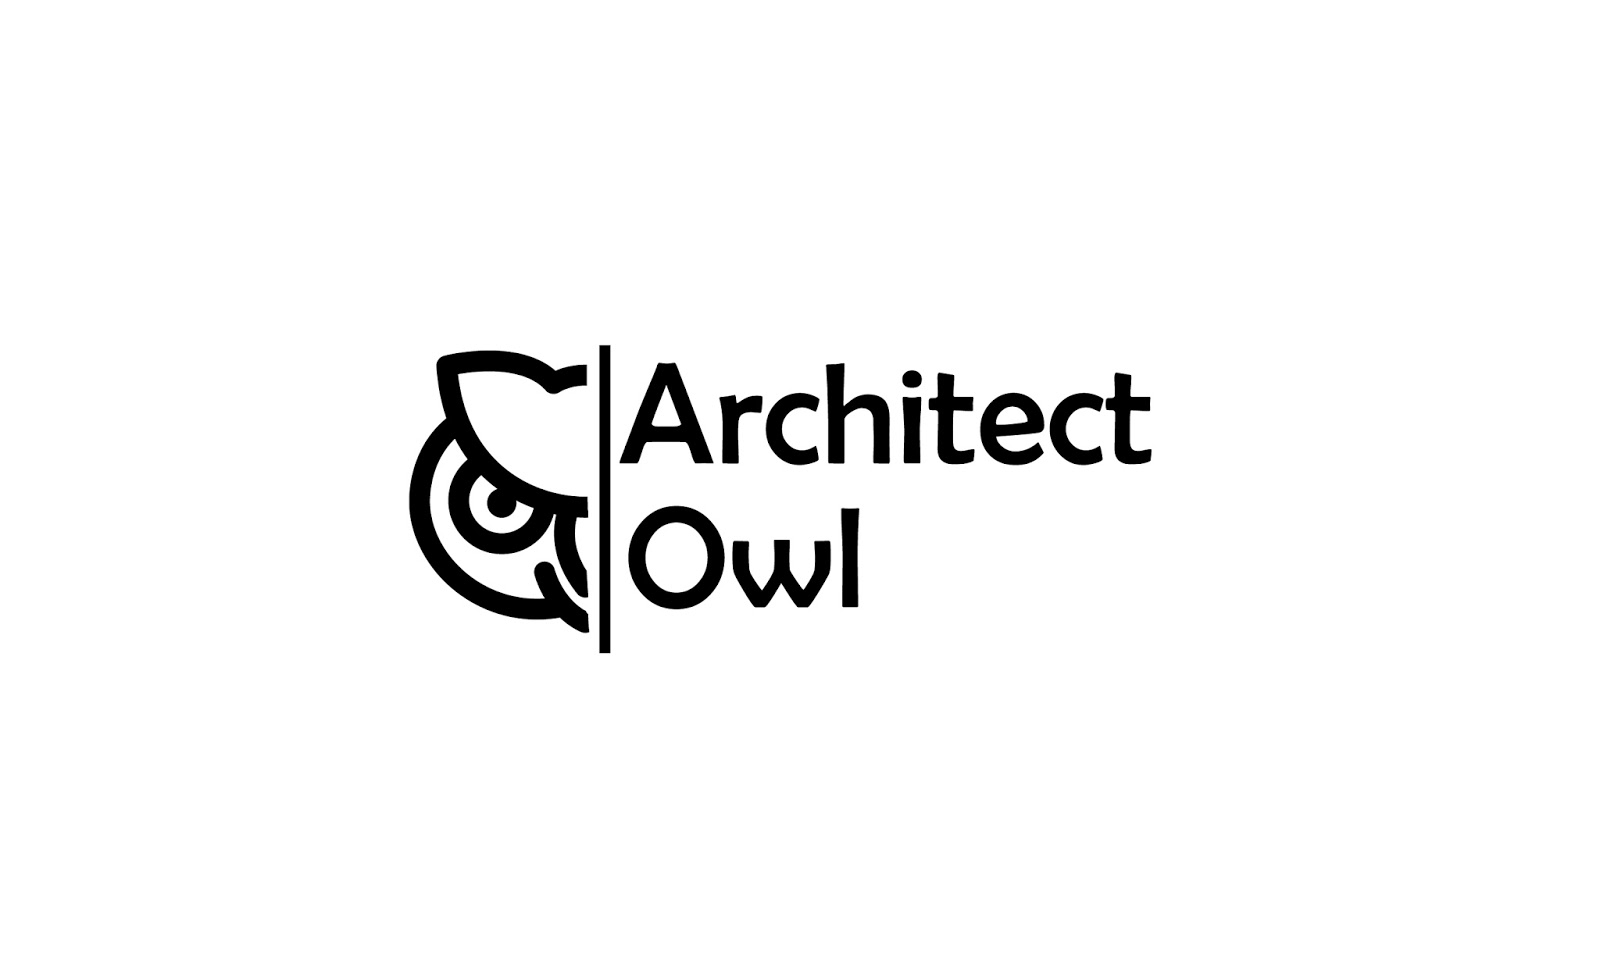 Superior Architect OWL